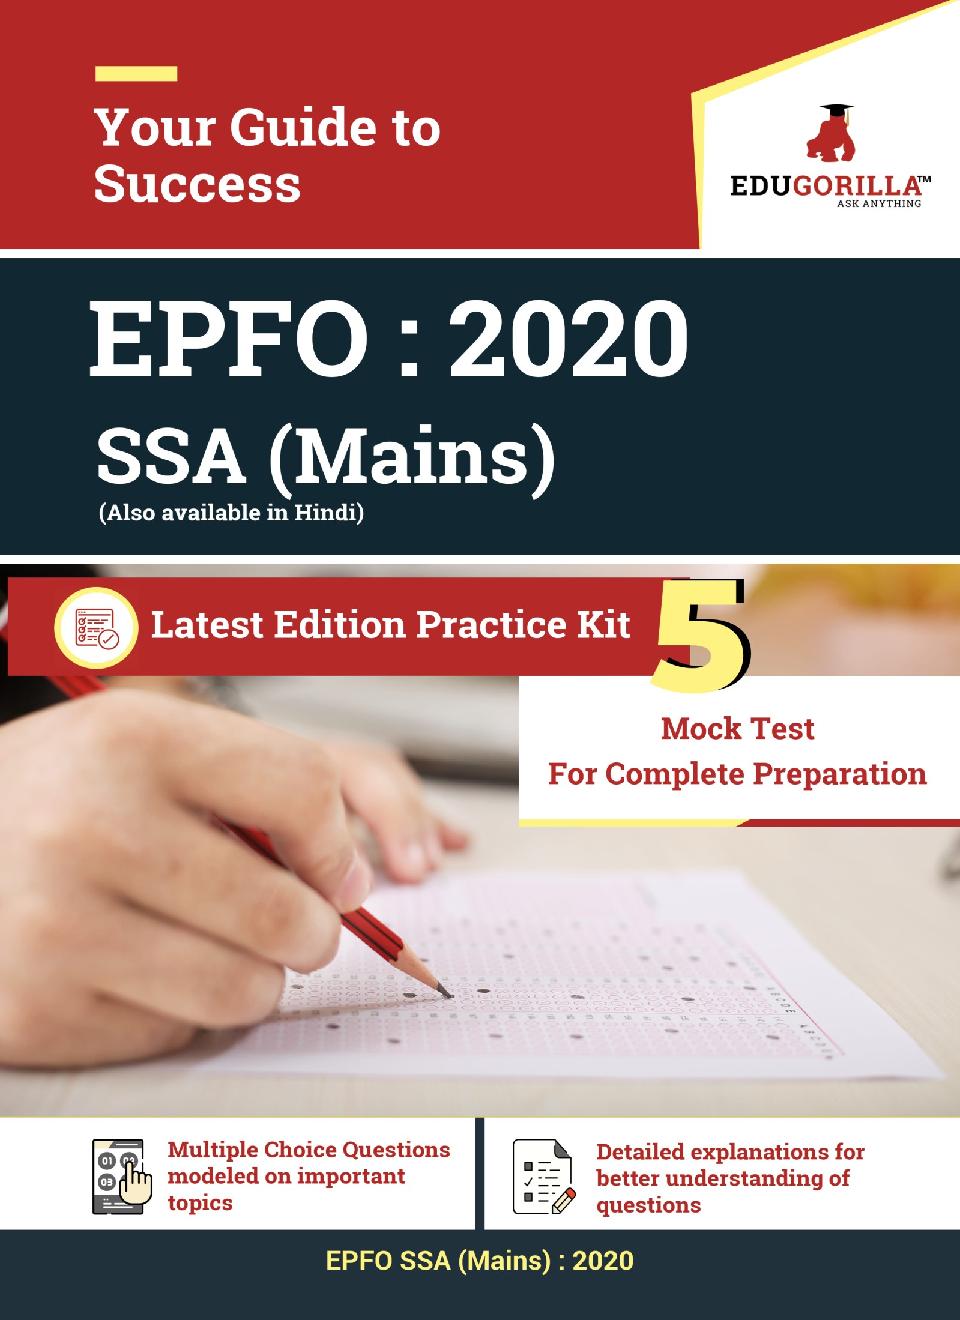 EduGorilla EPFO SSA (Mains) - 2020 - 5 Mock Test - Latest Edition Practice Kit - Page 1